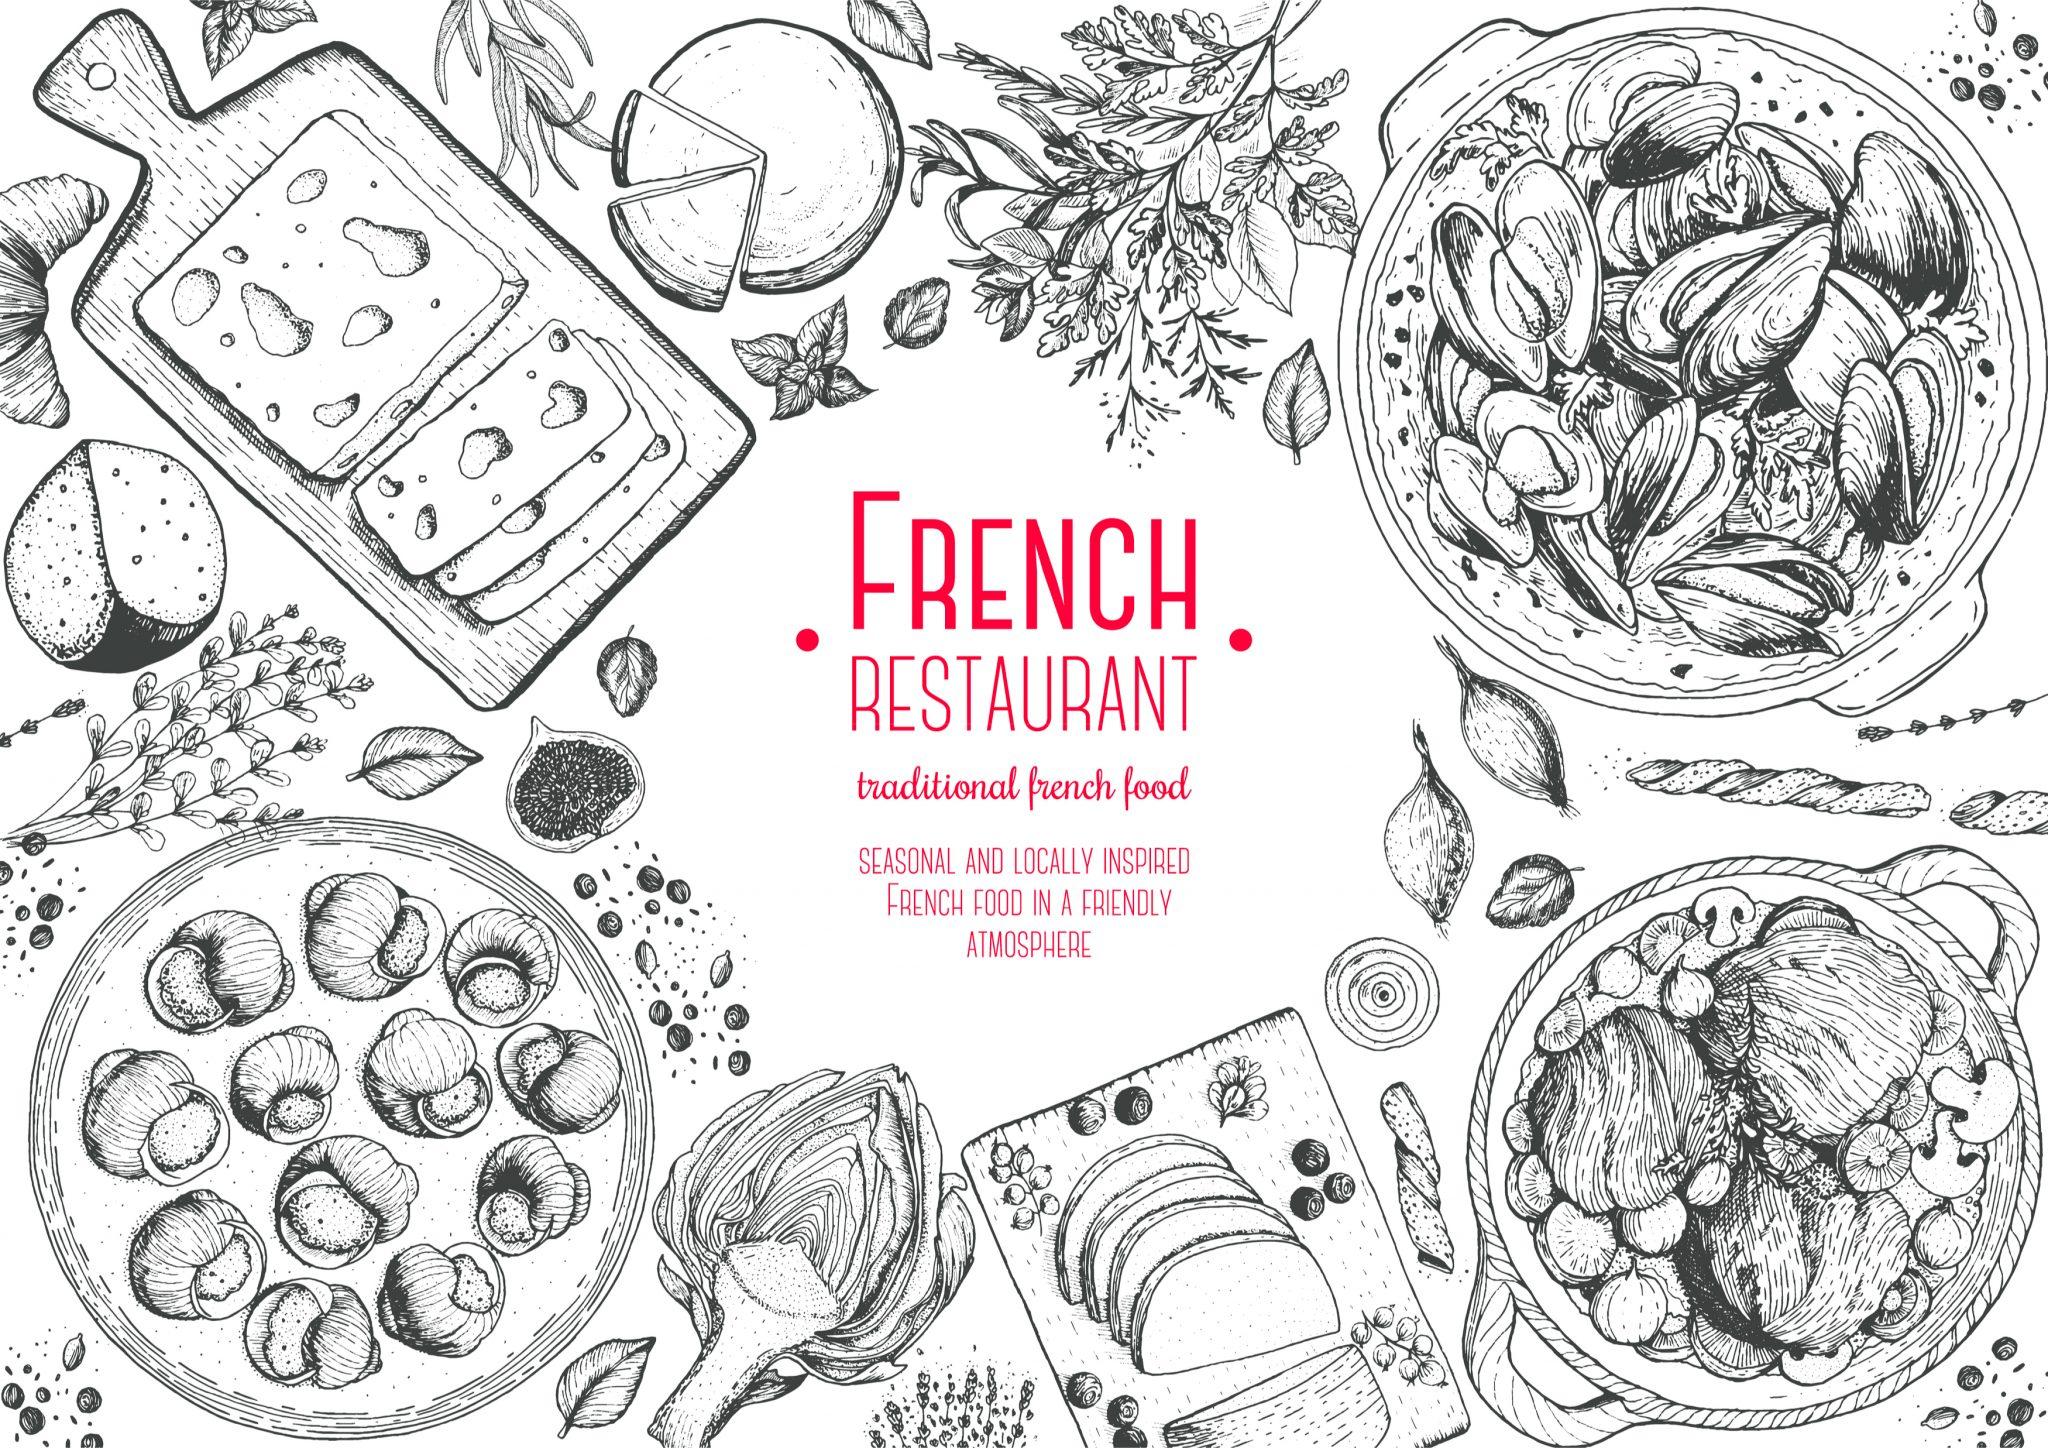 フランス料理のレストランの絵